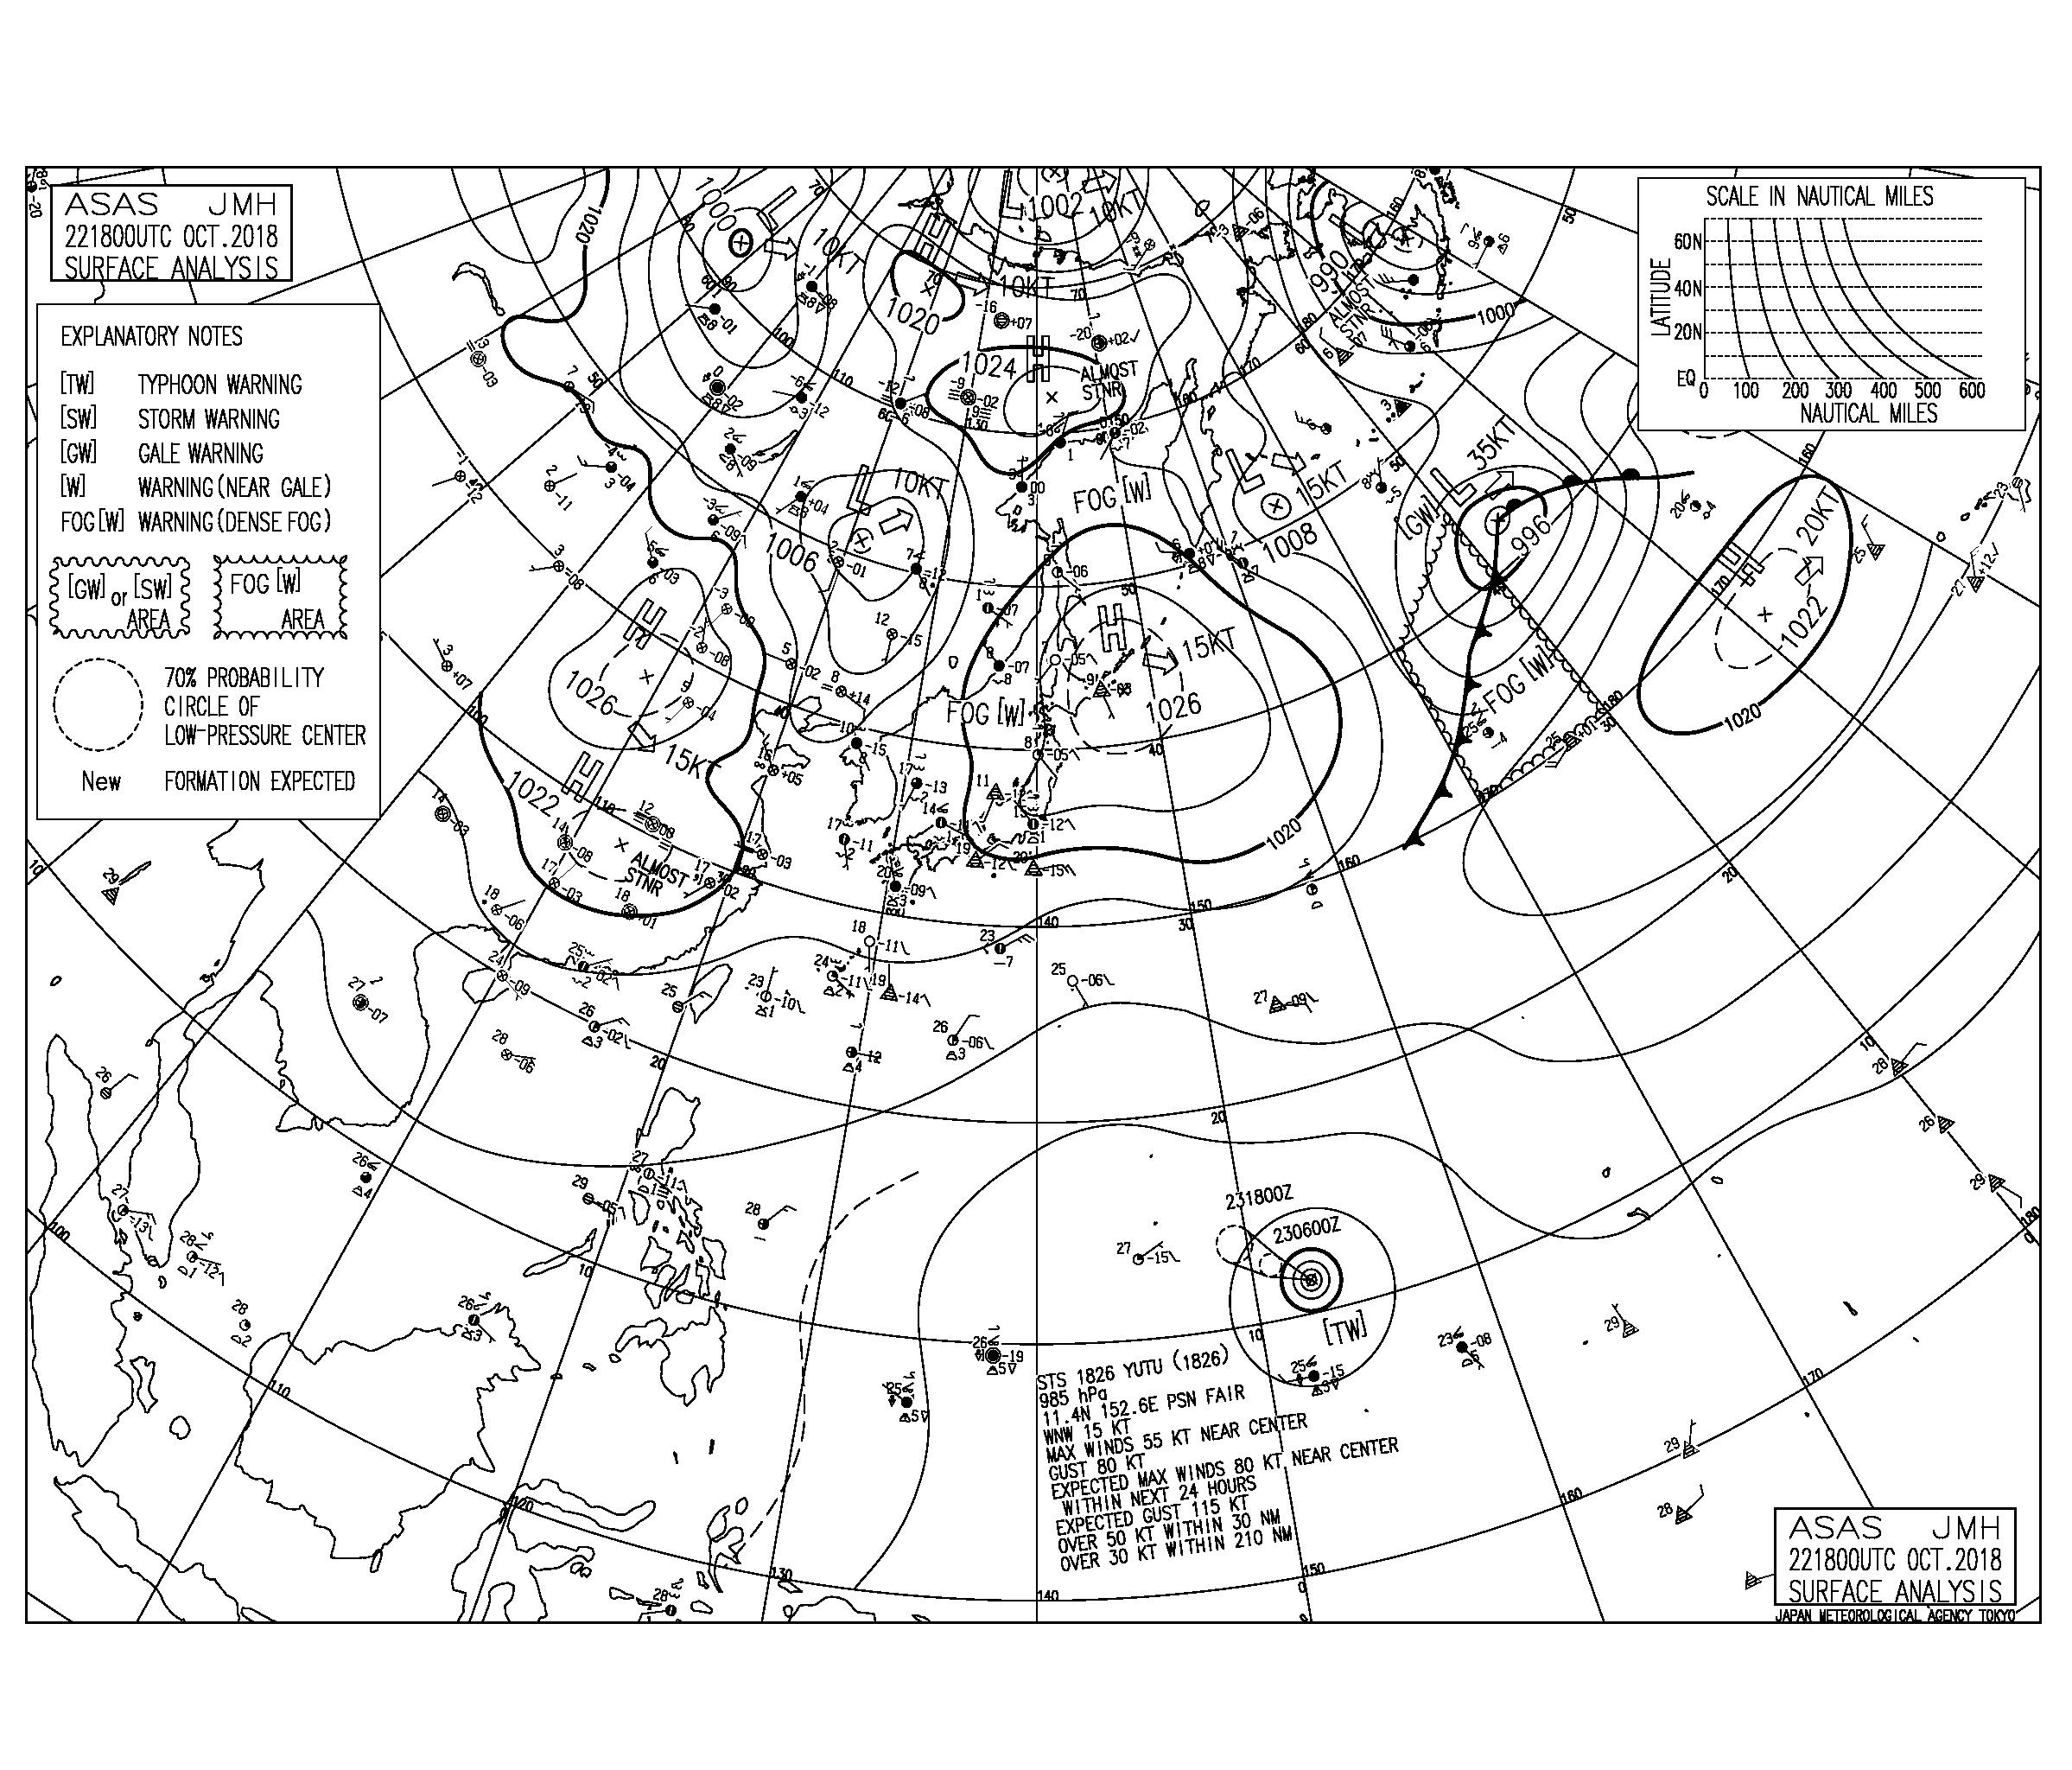 10/23 気圧配置と波情報~東うねりの反応が続き遊べるサイズ、台風26号のうねりは週末に反応あるか⁈